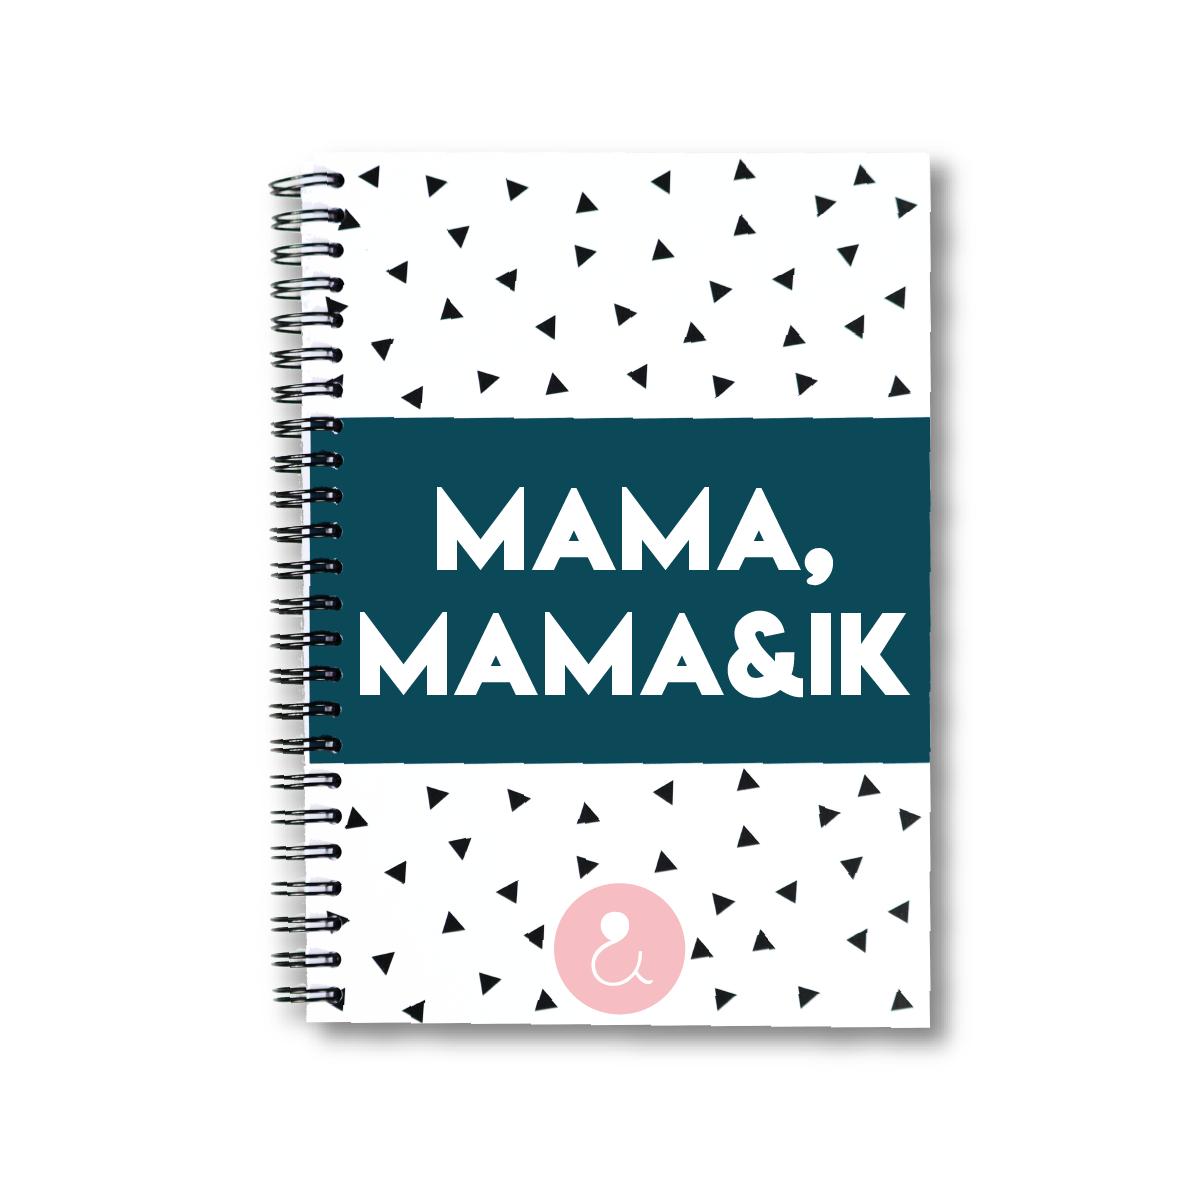 Mama, mama&ik | invulboek voor mama's (roze stip)